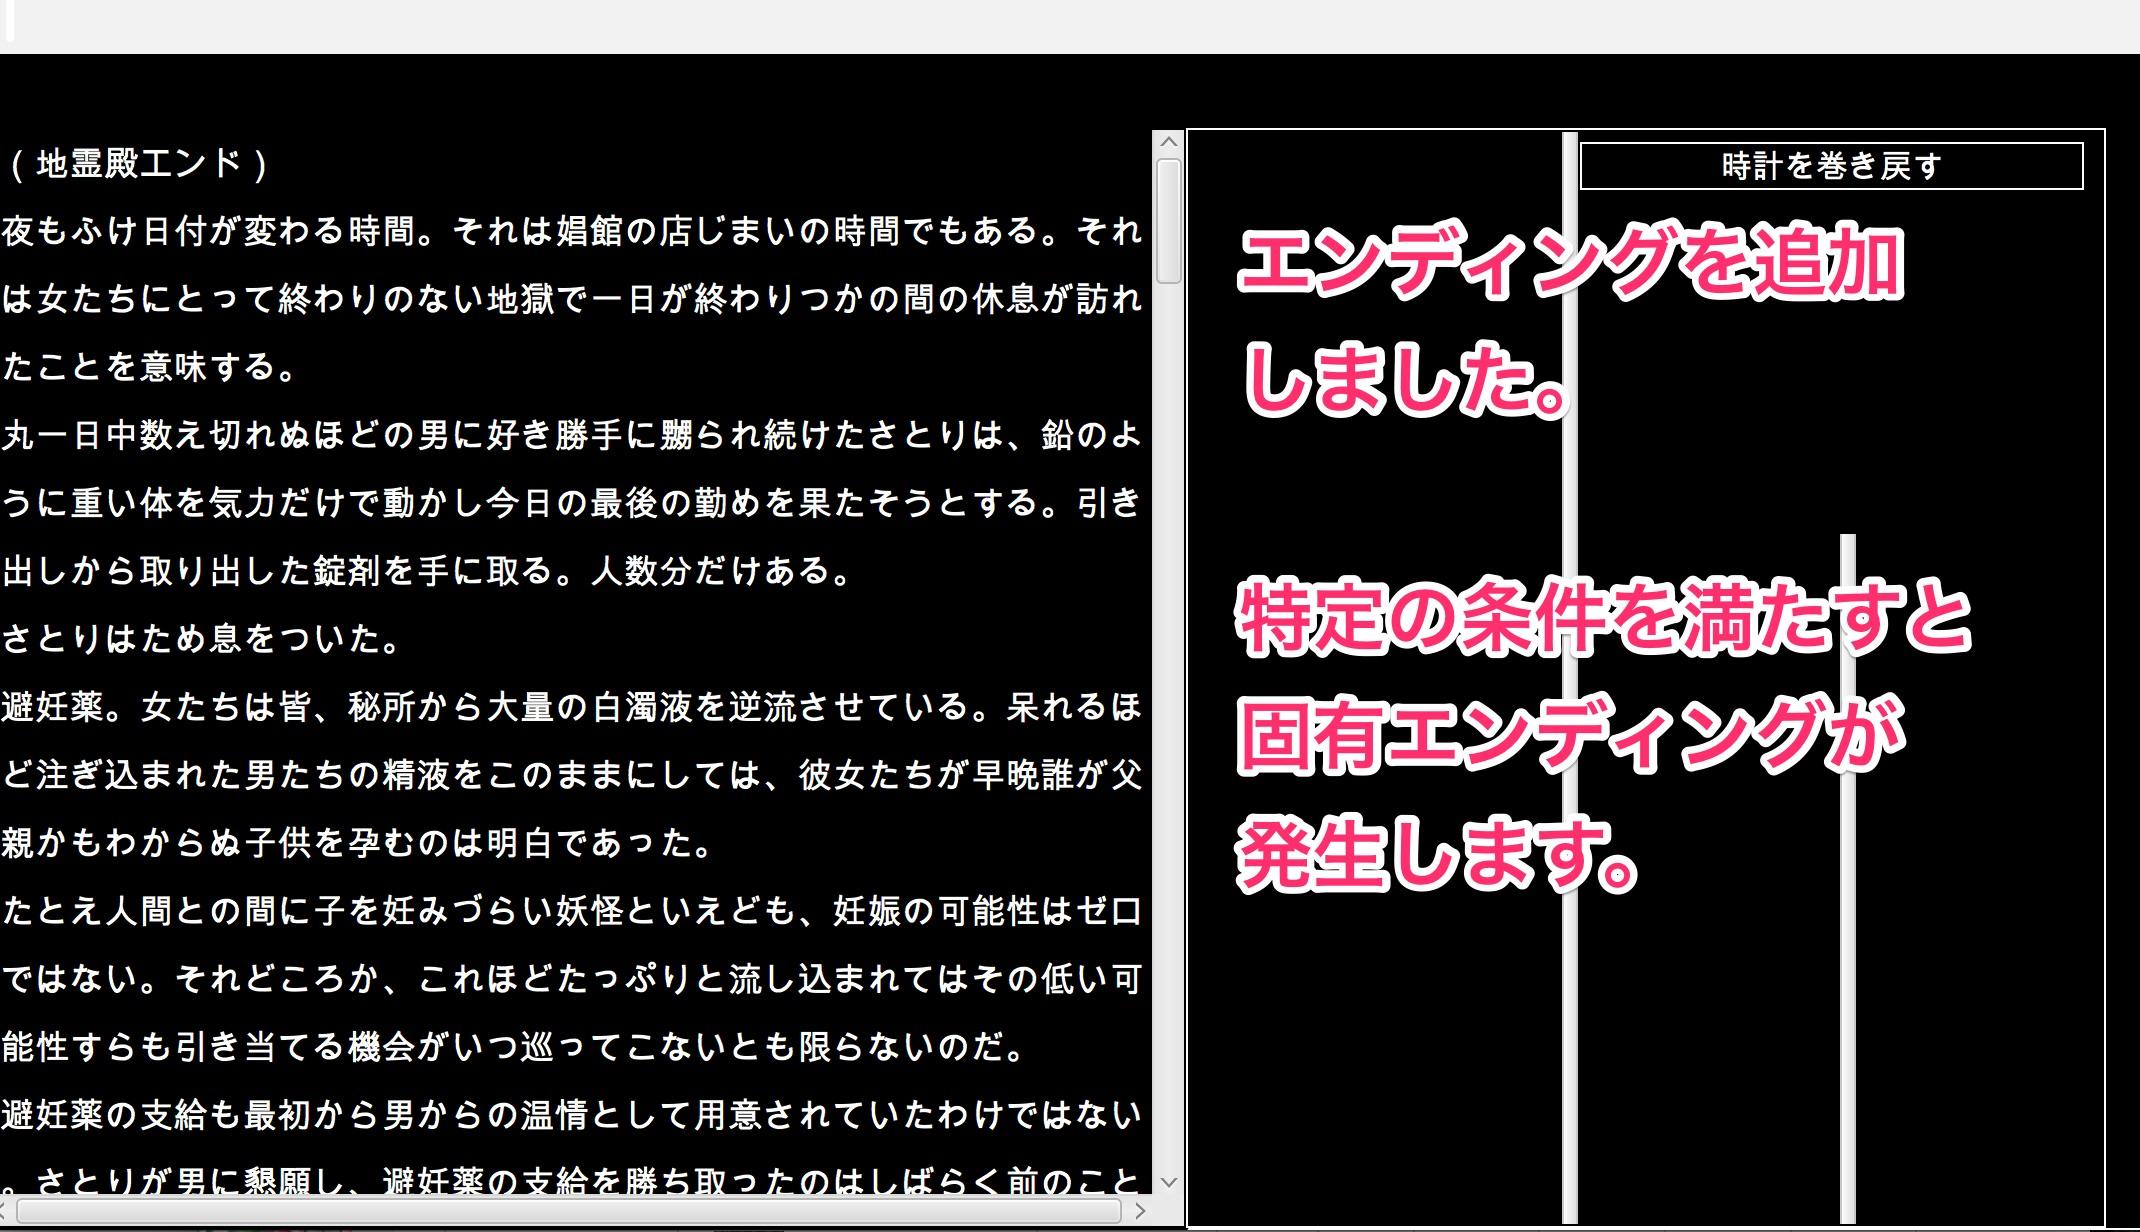 【ミリア 同人】東方隷落記総集編2Vol.4~6